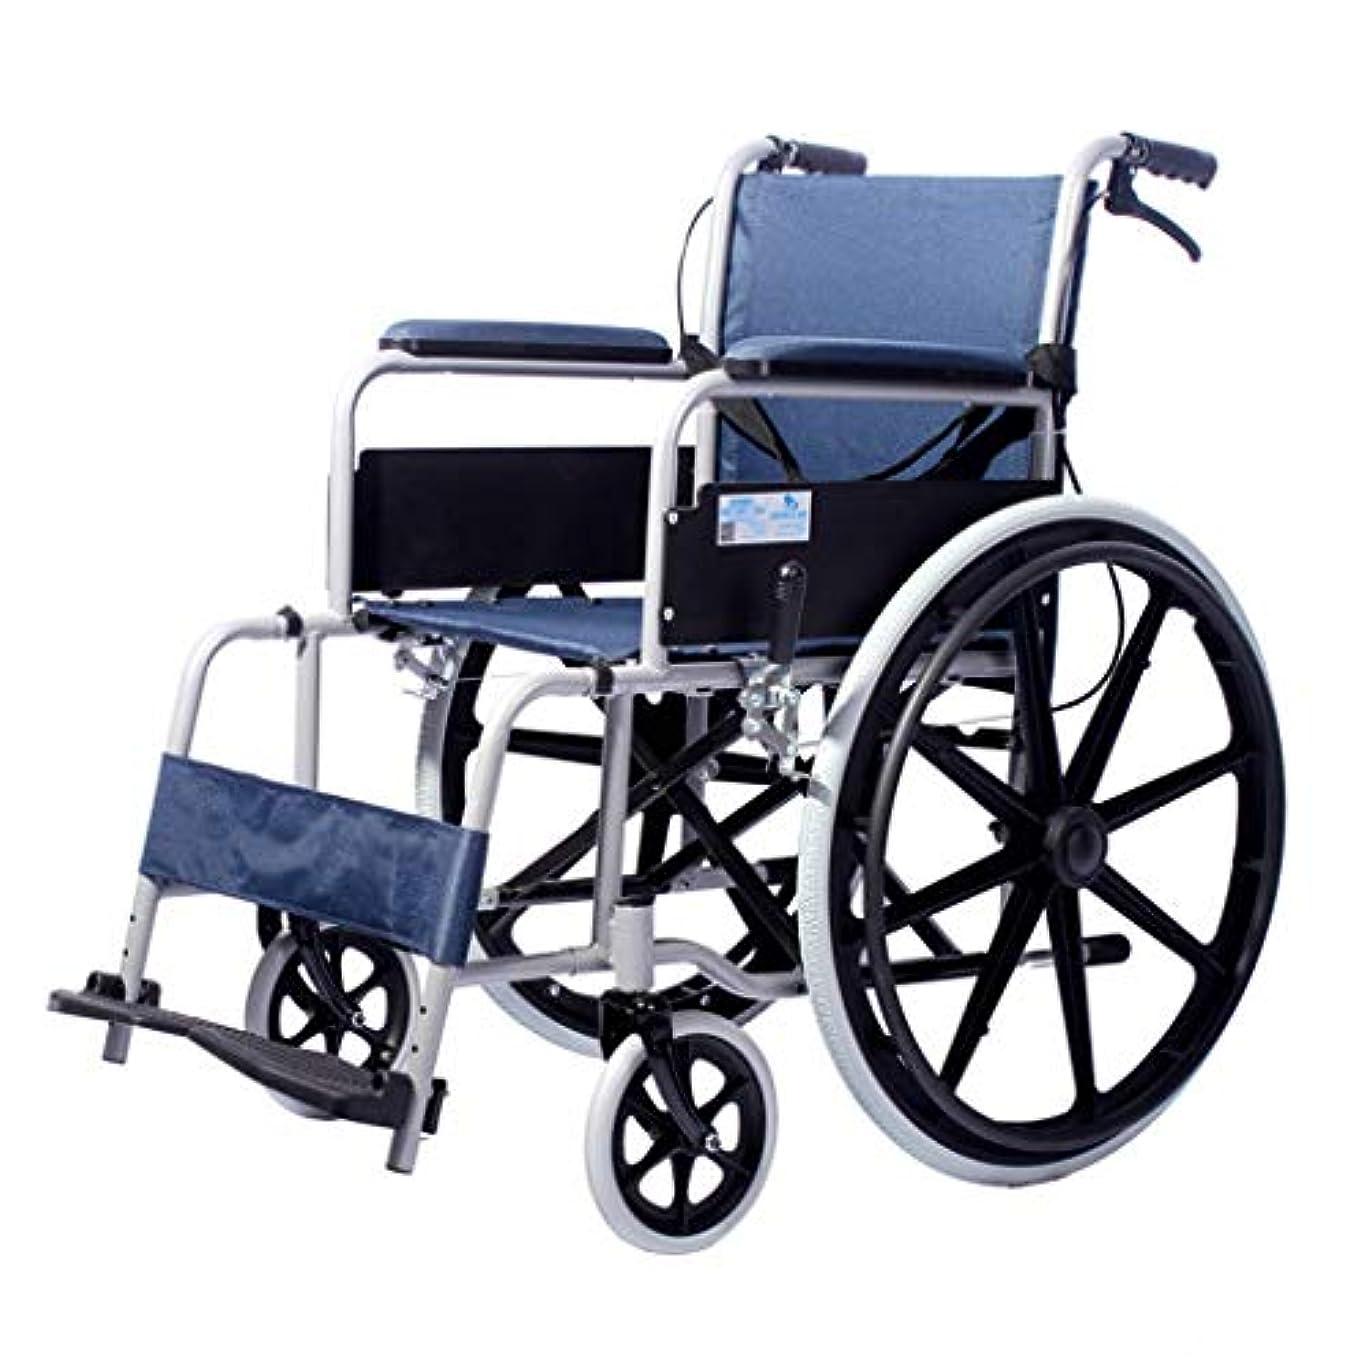 挨拶アッティカス締める高齢者用車椅子折りたたみ式手すり、高齢者用調整可能ペダル、四輪ブレーキ機能